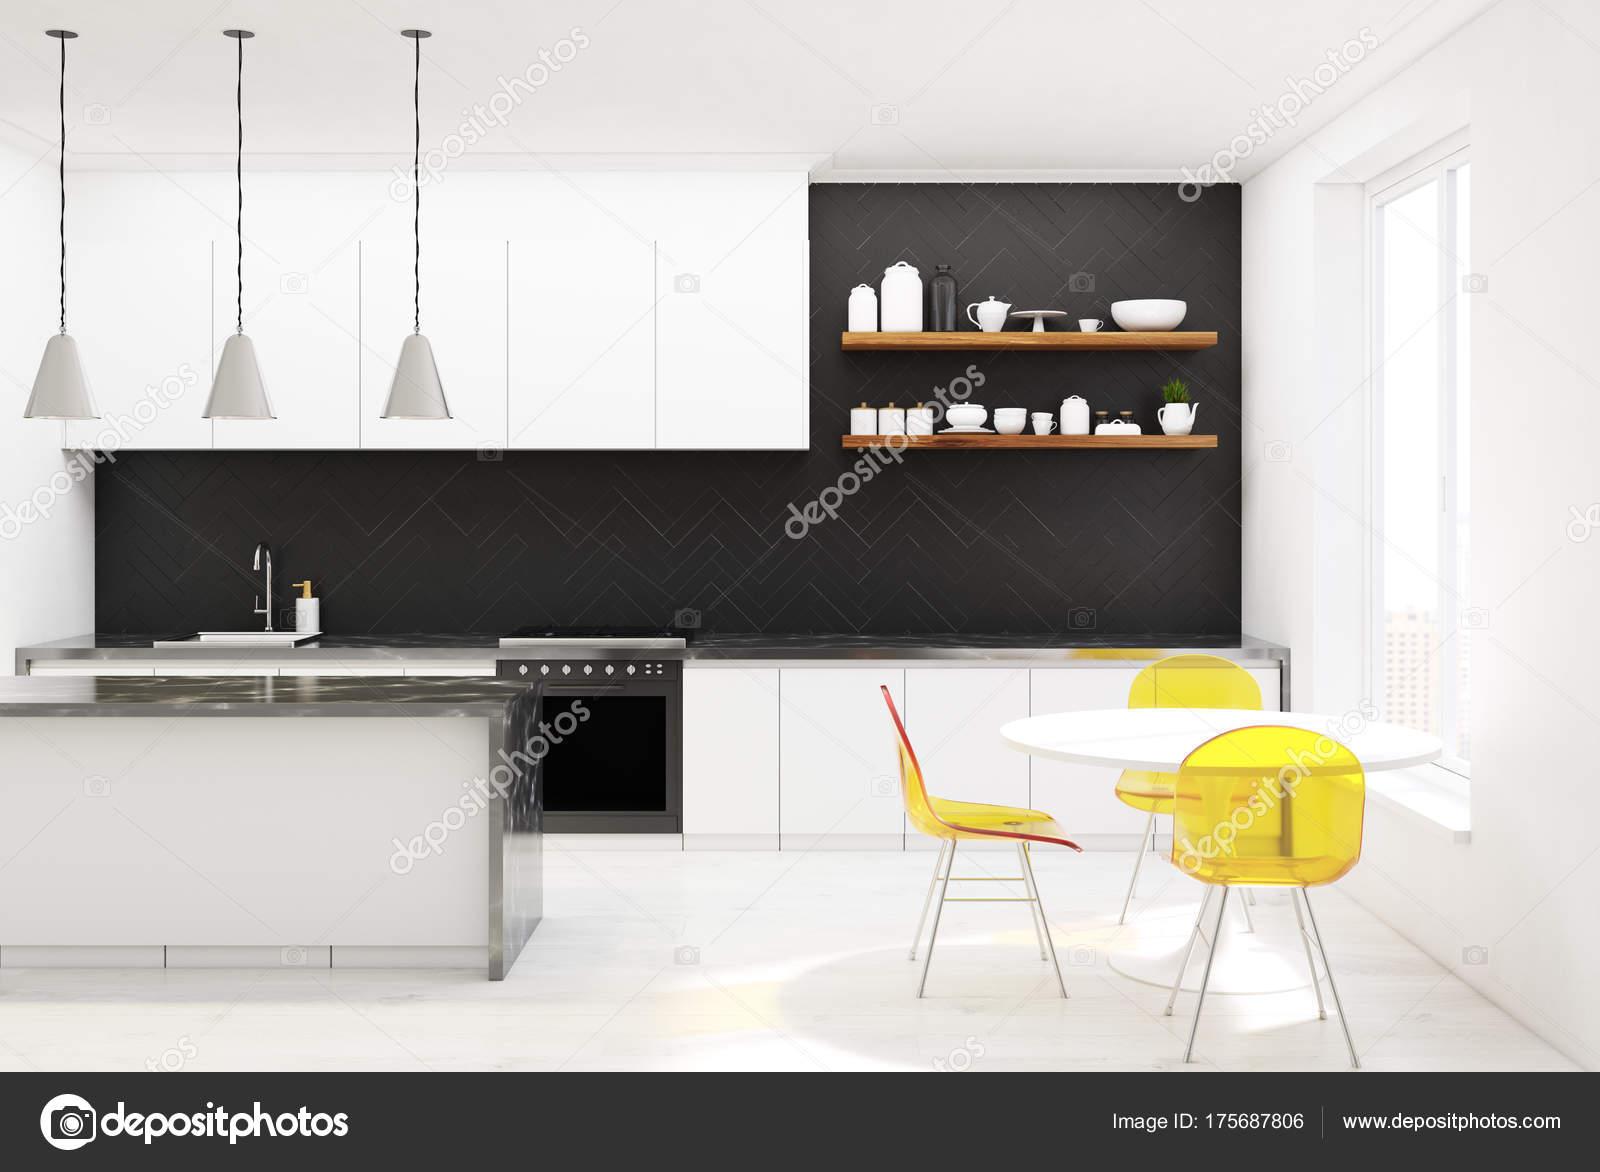 Sedie da cucina in legno nero, giallo, calcestruzzo — Foto Stock ...